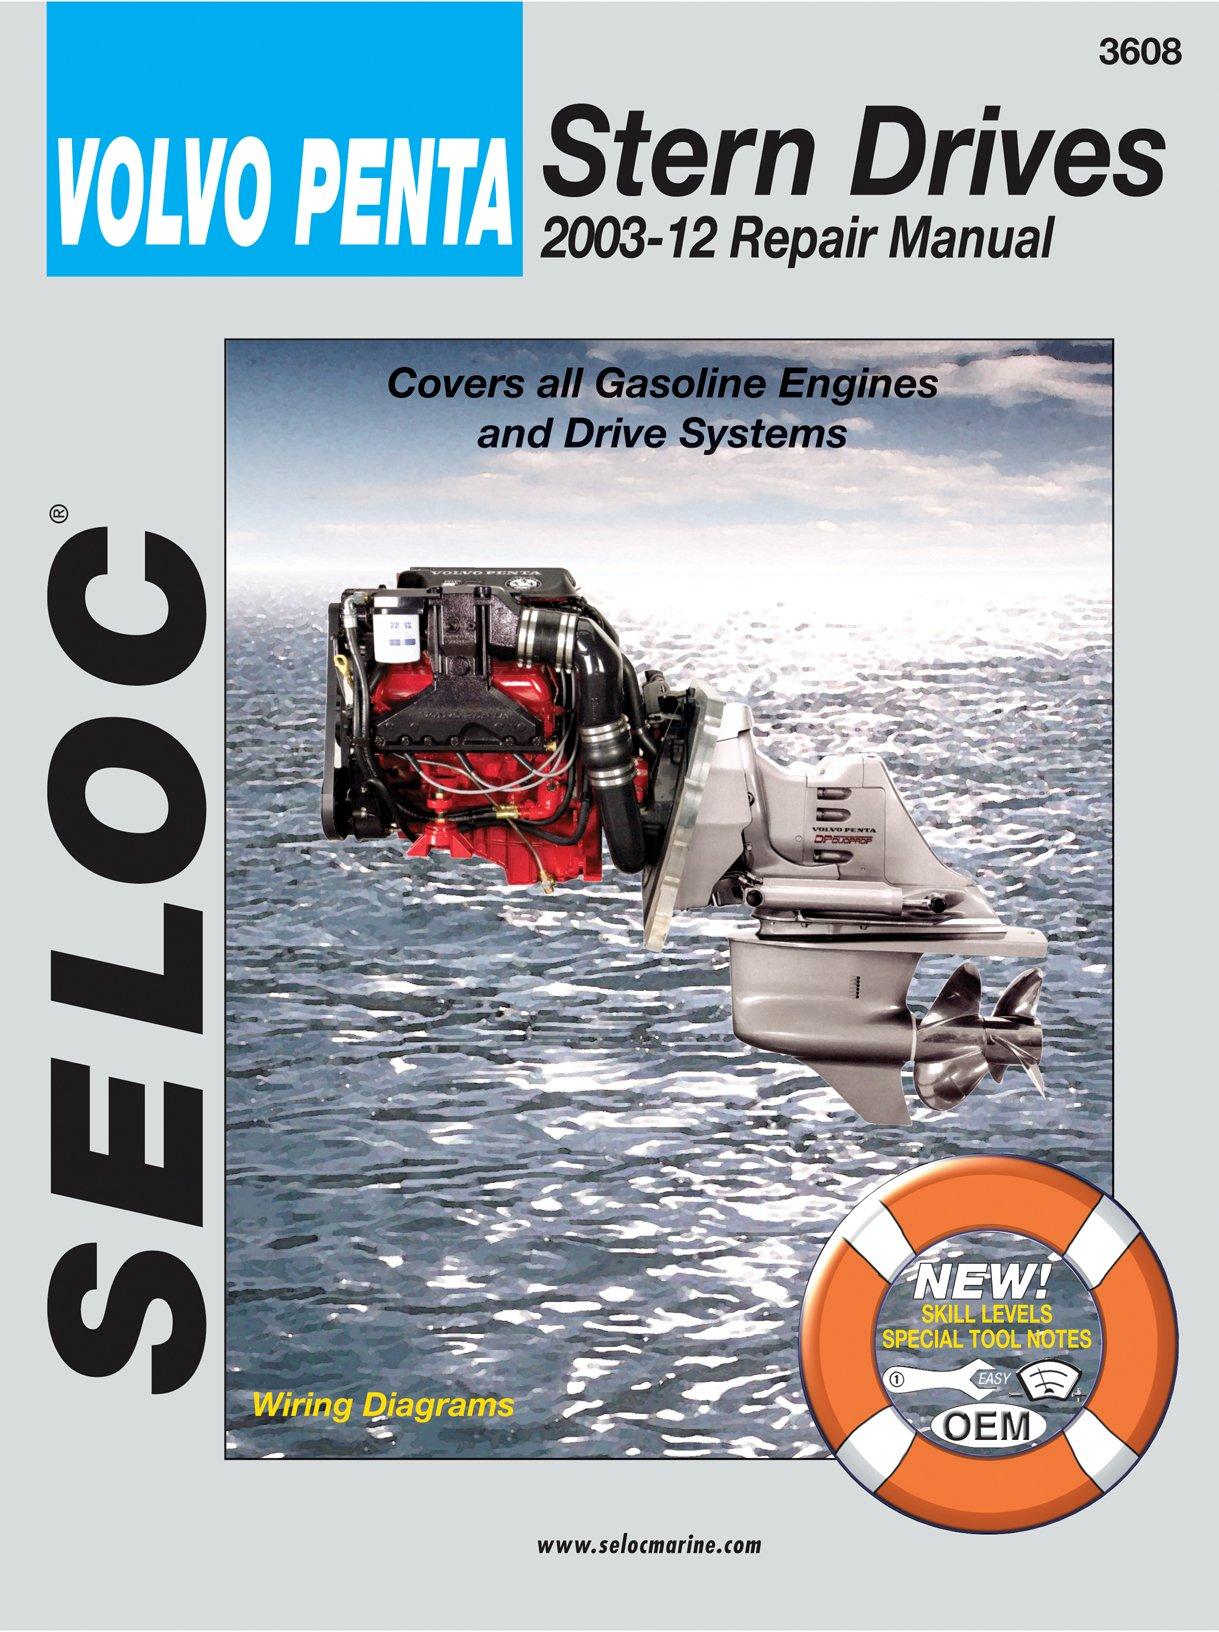 Sierra International Seloc Manual 18-03608 Volvo/Penta Stern Drives Repair 2003-2012 Gasoline Engine & Drive System by Sierra International